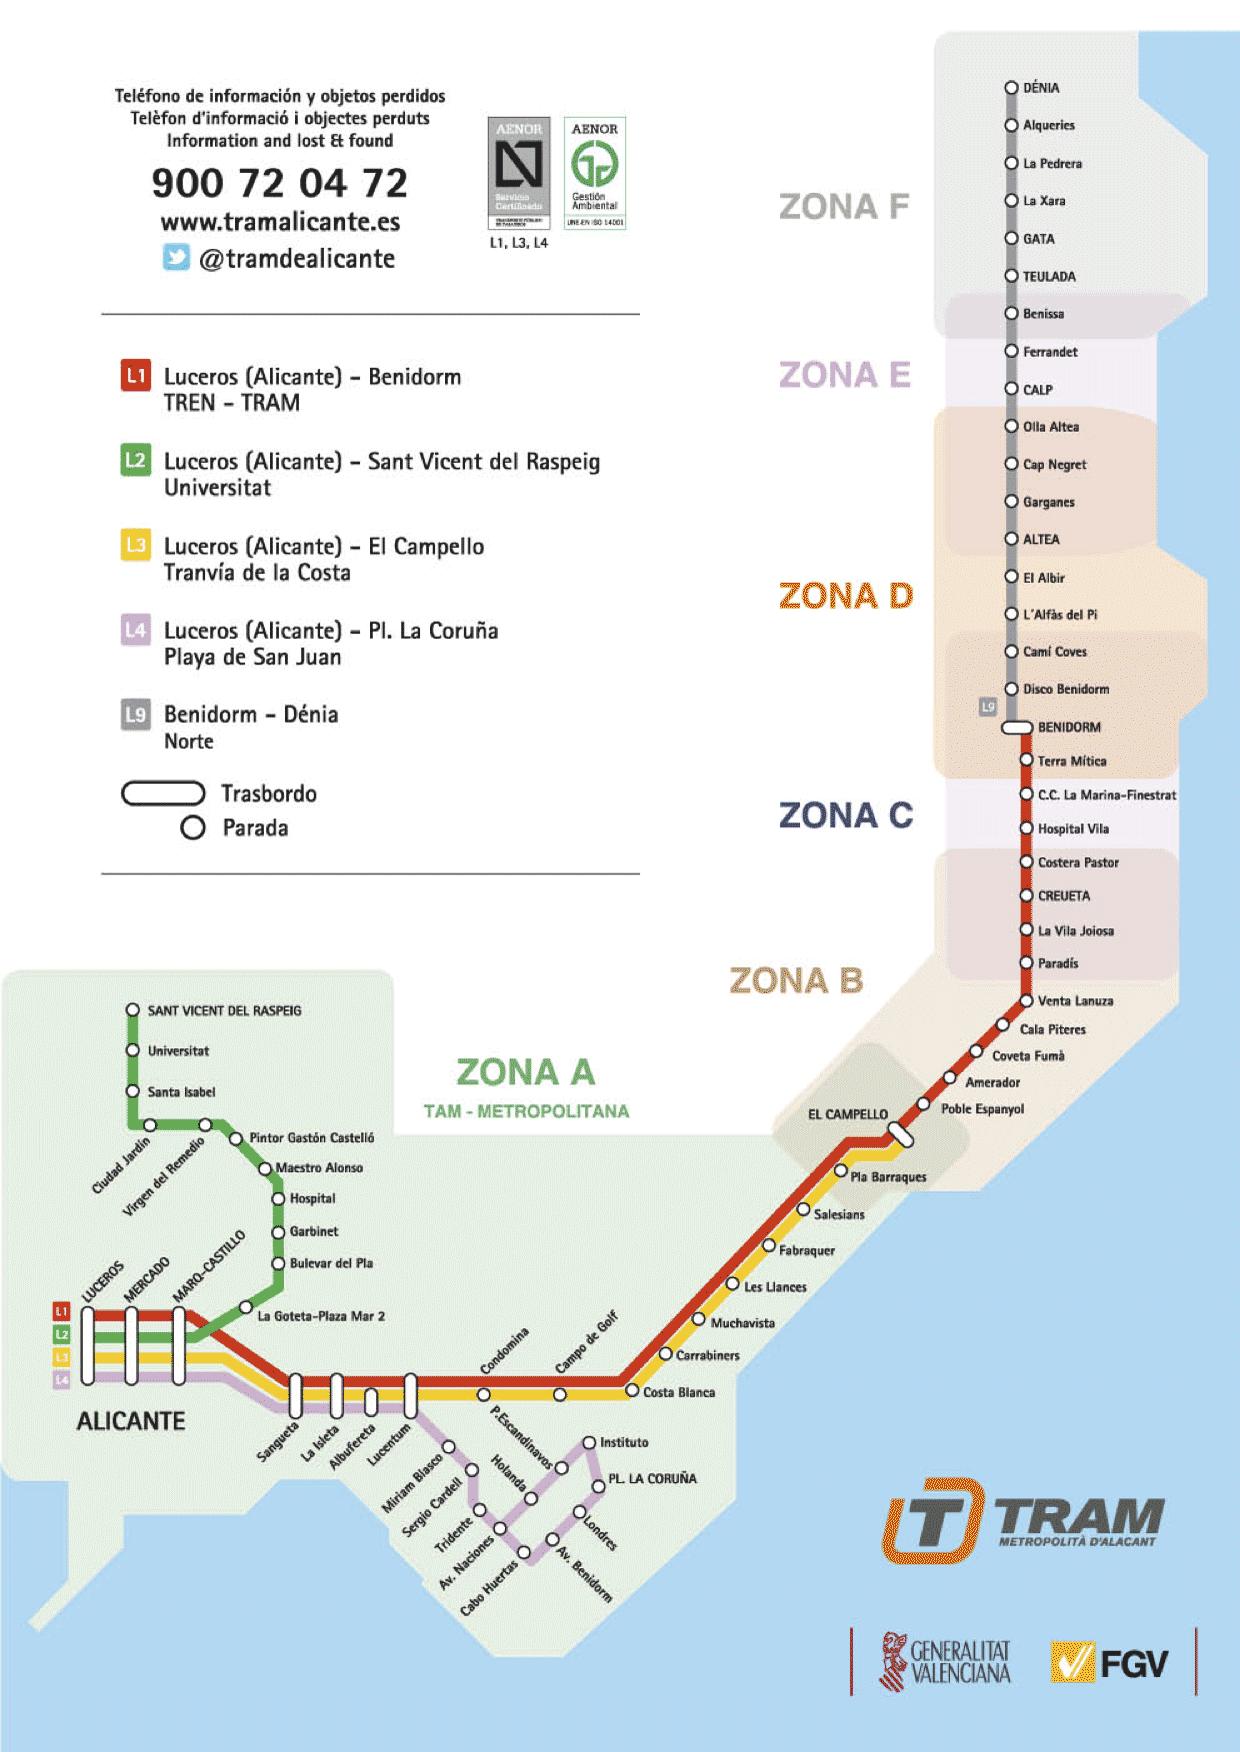 Схема маршрутов трама. Сразу четыре линии начинаются в Аликанте от станции «Лусерос»